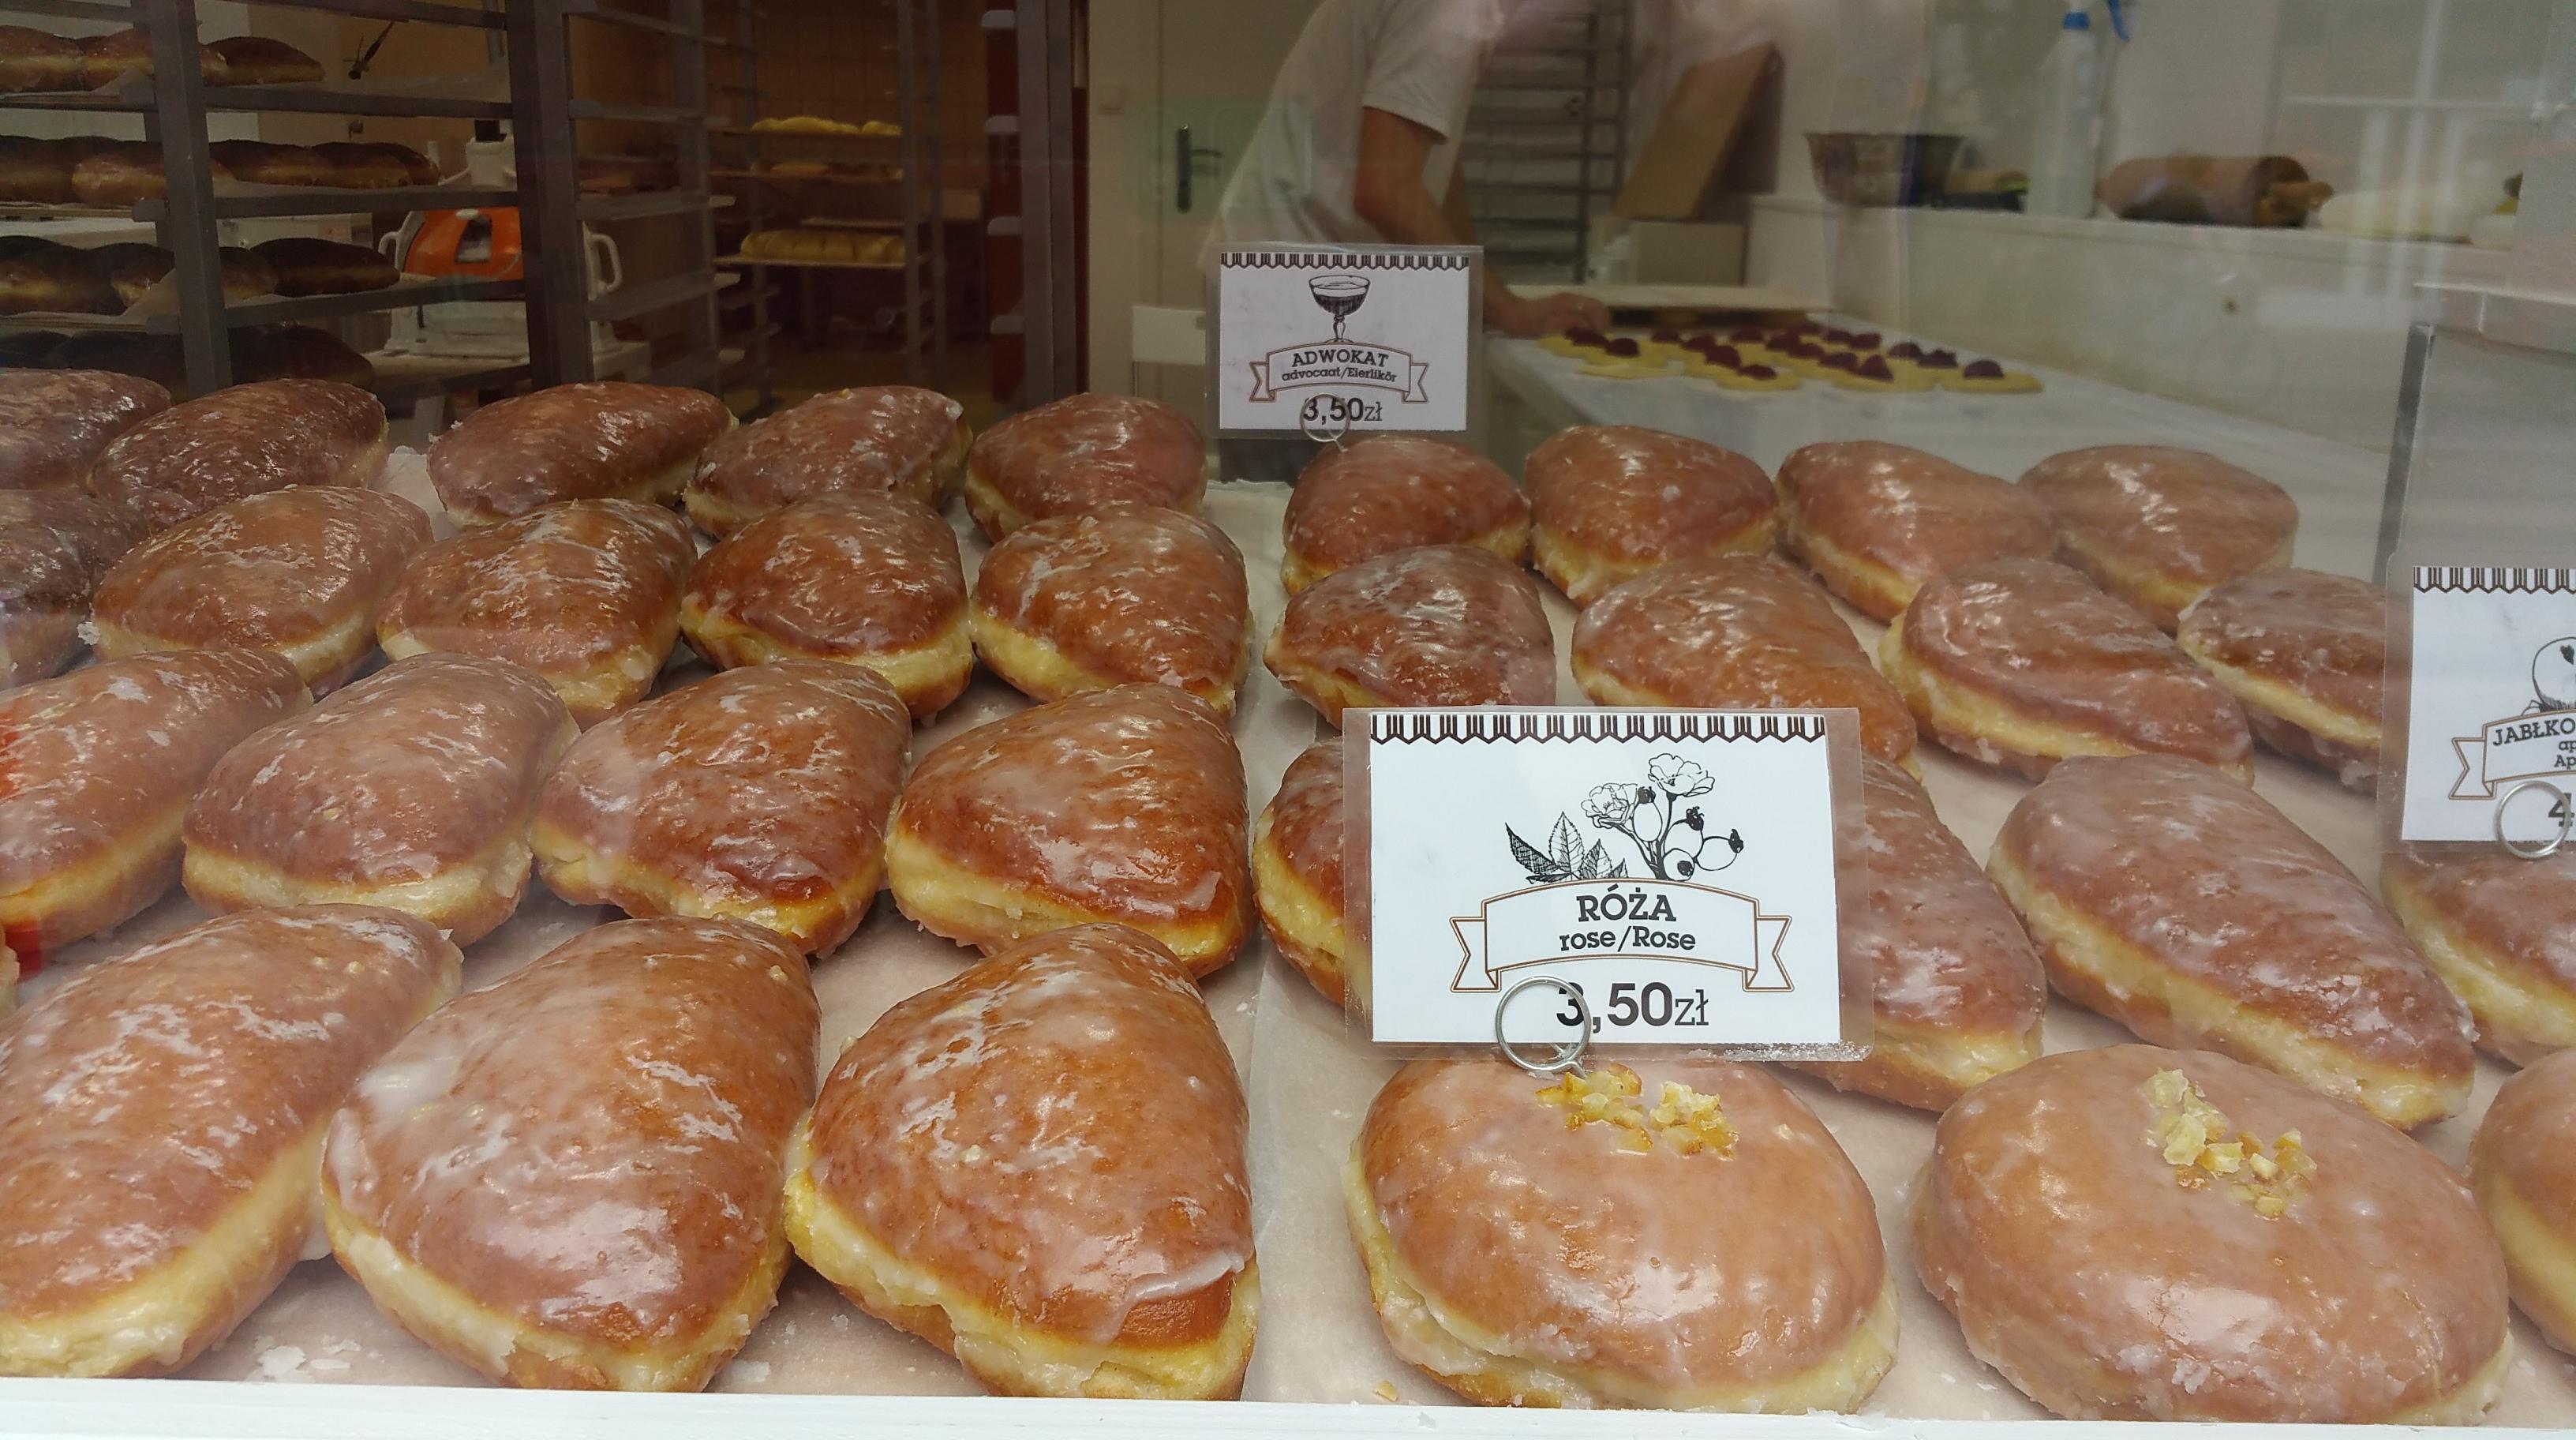 polish donuts....mmmm